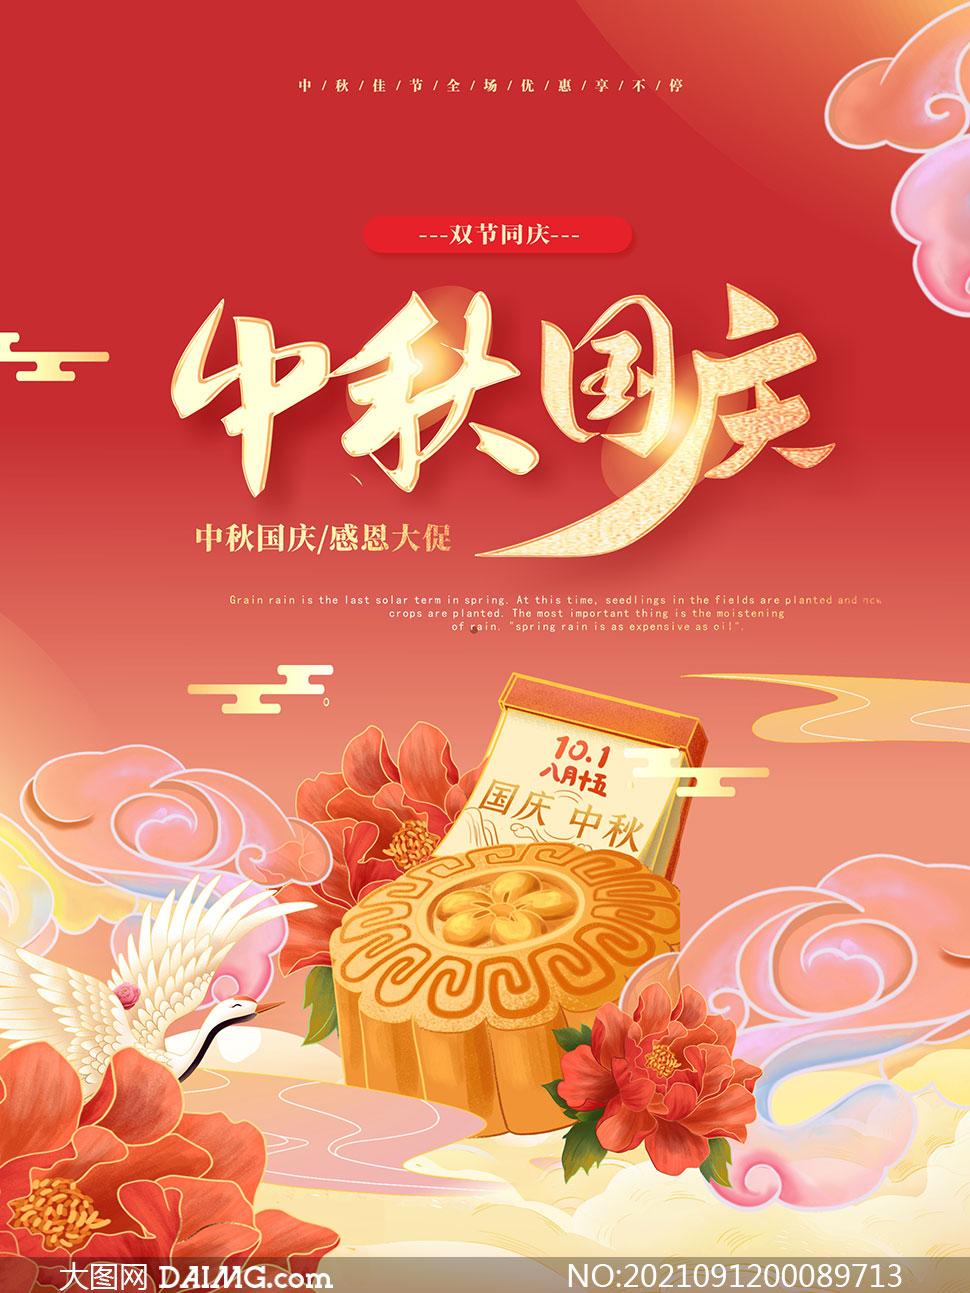 中秋国庆月饼促销海报设计矢量素材